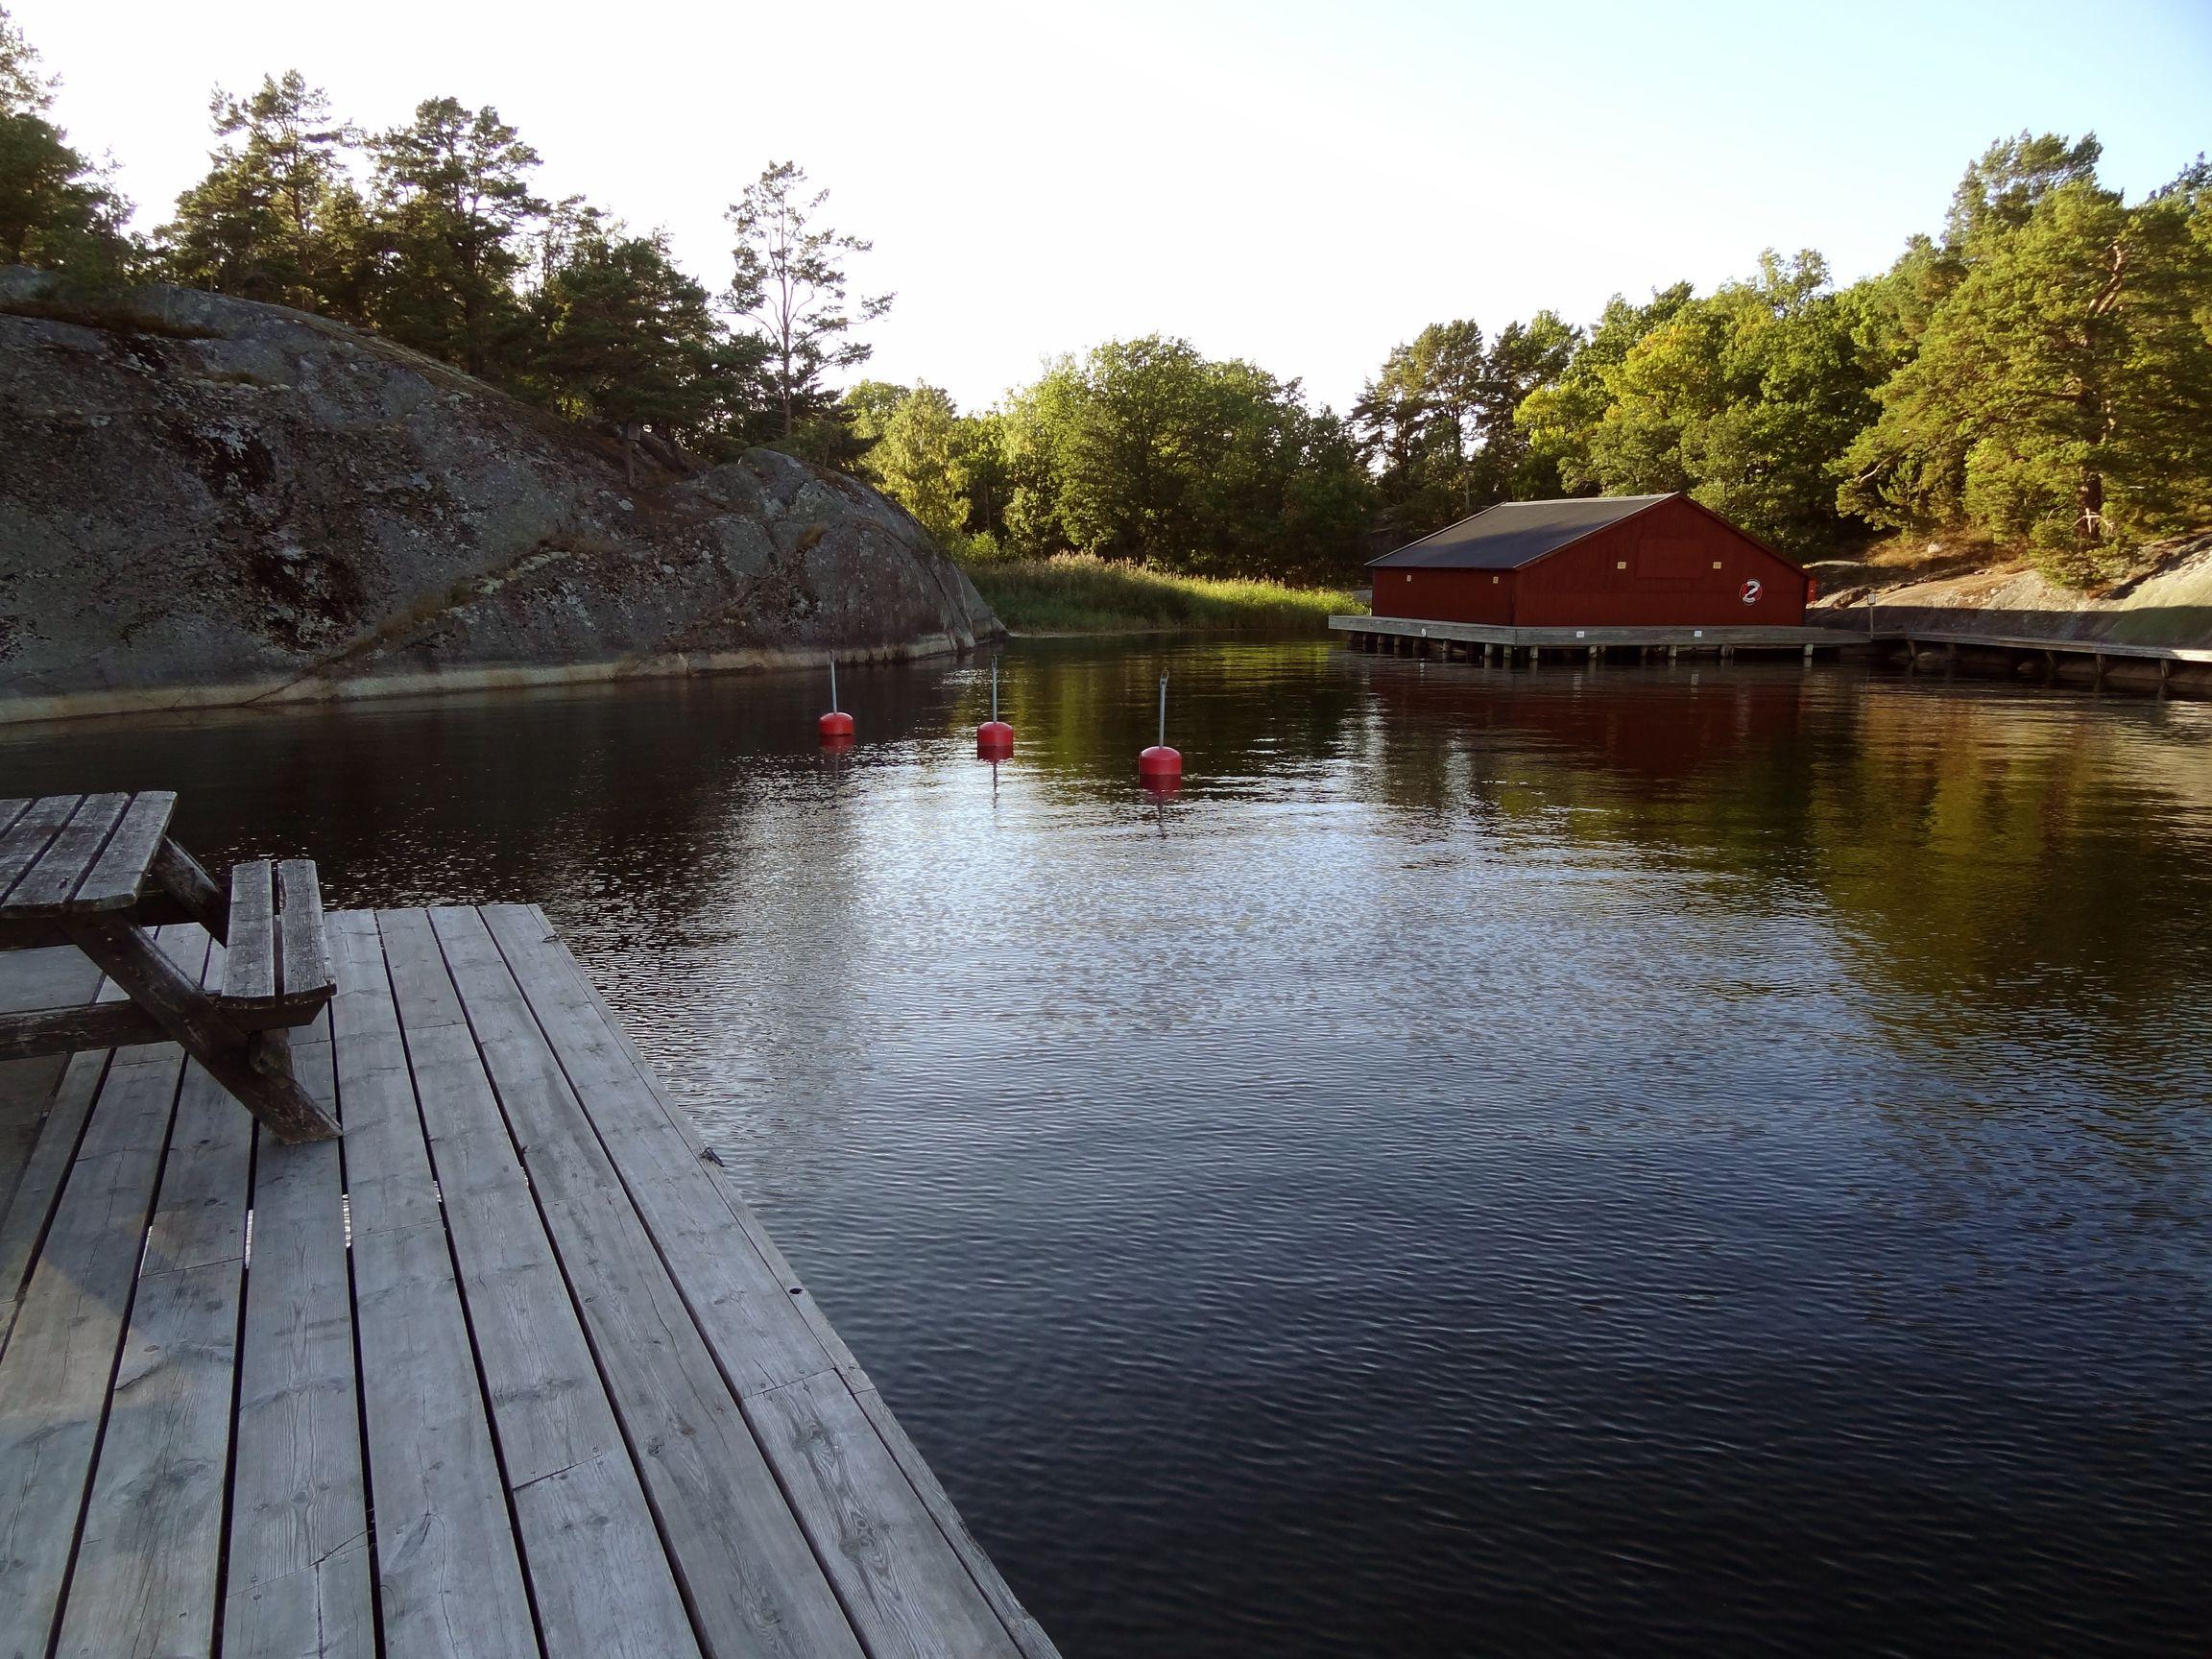 Gästehafen Finnhman - nur für kleine Boote